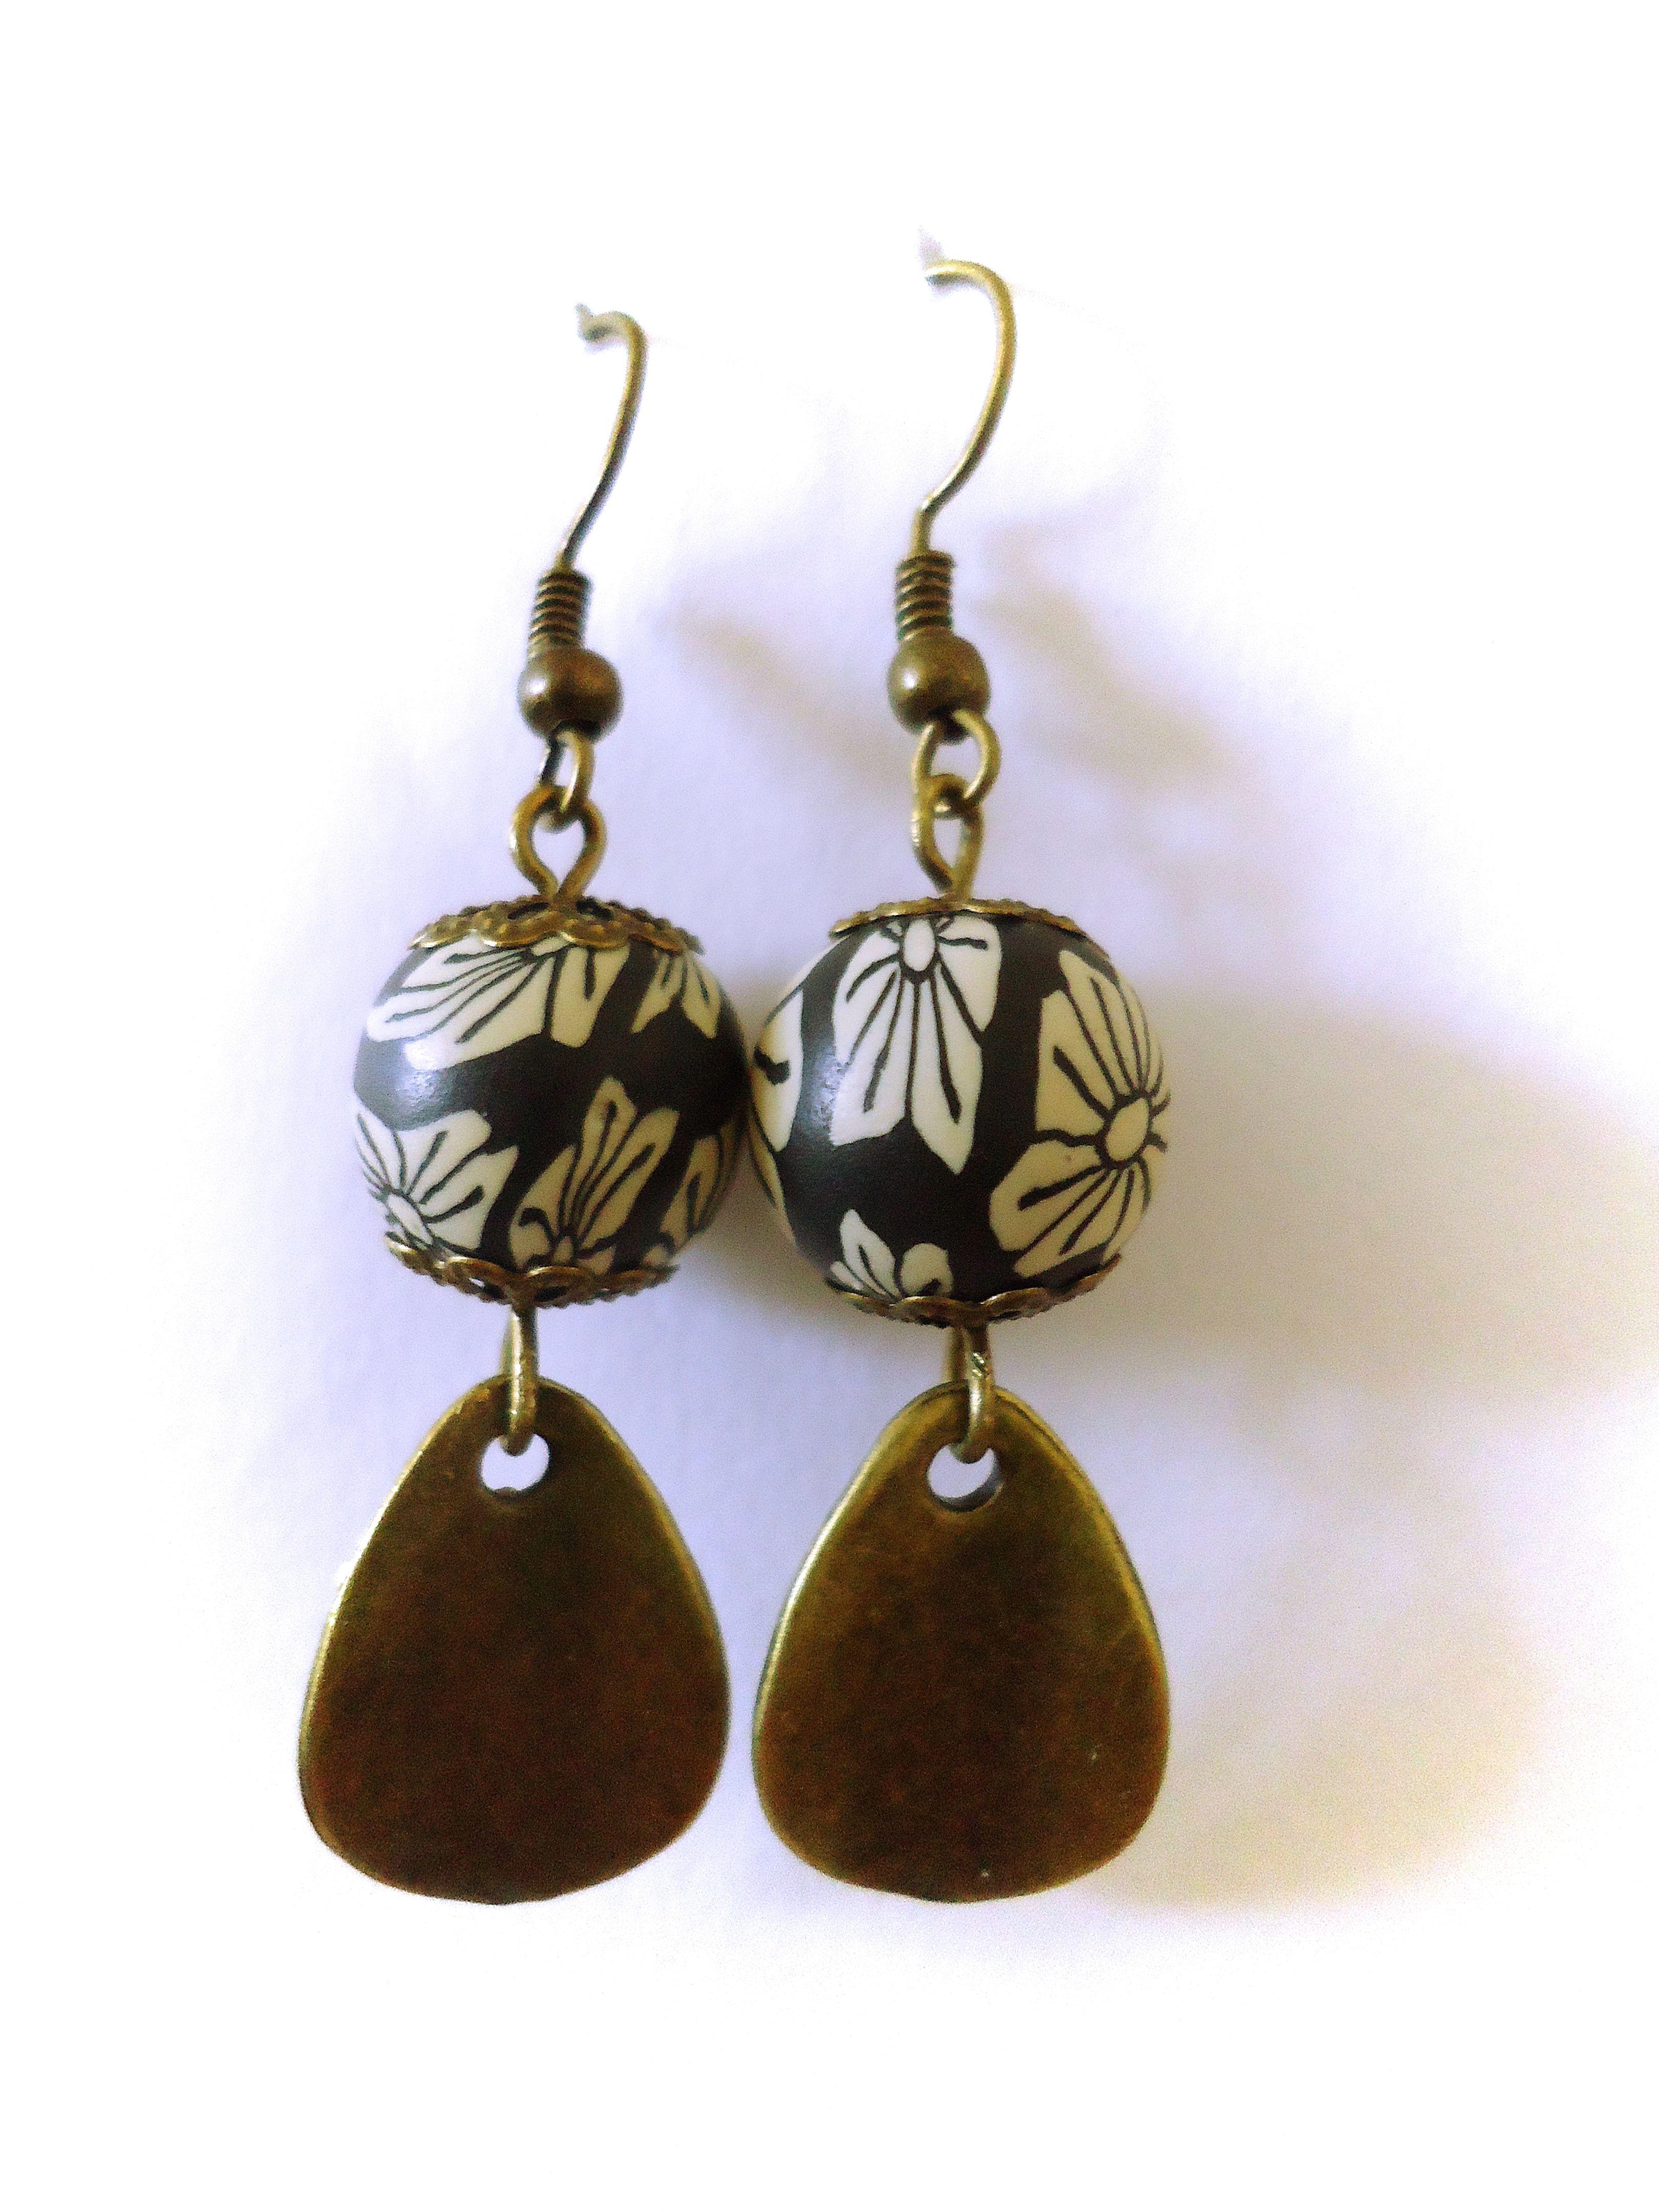 Une paire de boucles d'oreilles romantique ! 8.99 euros. http://www.alittlemarket.com/boutique/clouds_are_yellow-1267595.html